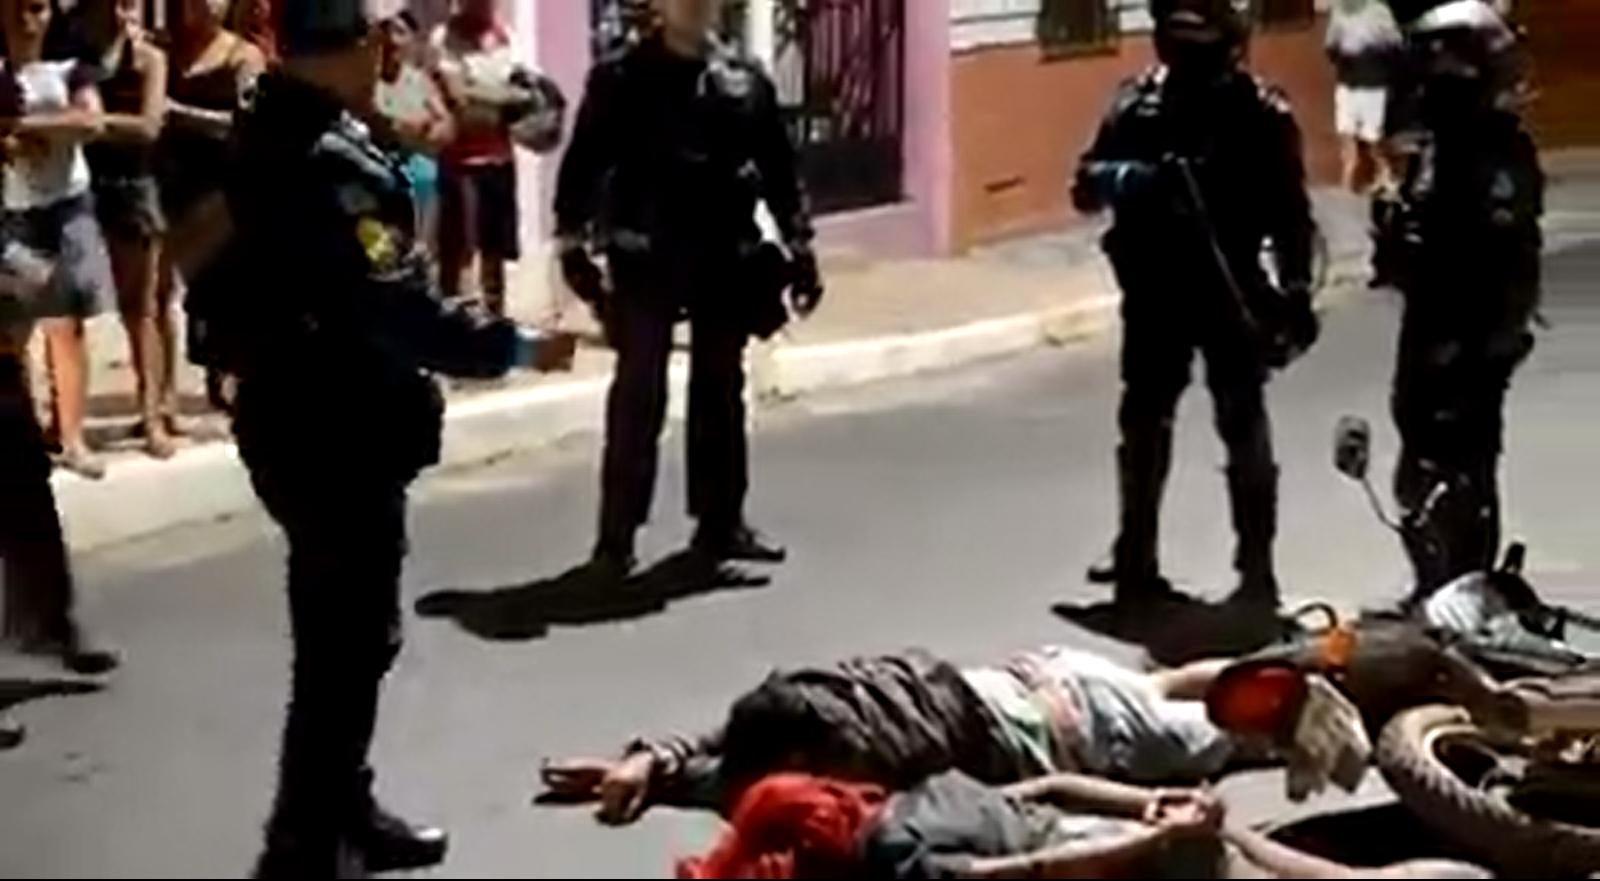 Policial desabafa após a PM prender casal de assaltantes pela 9ª vez em 1 mês